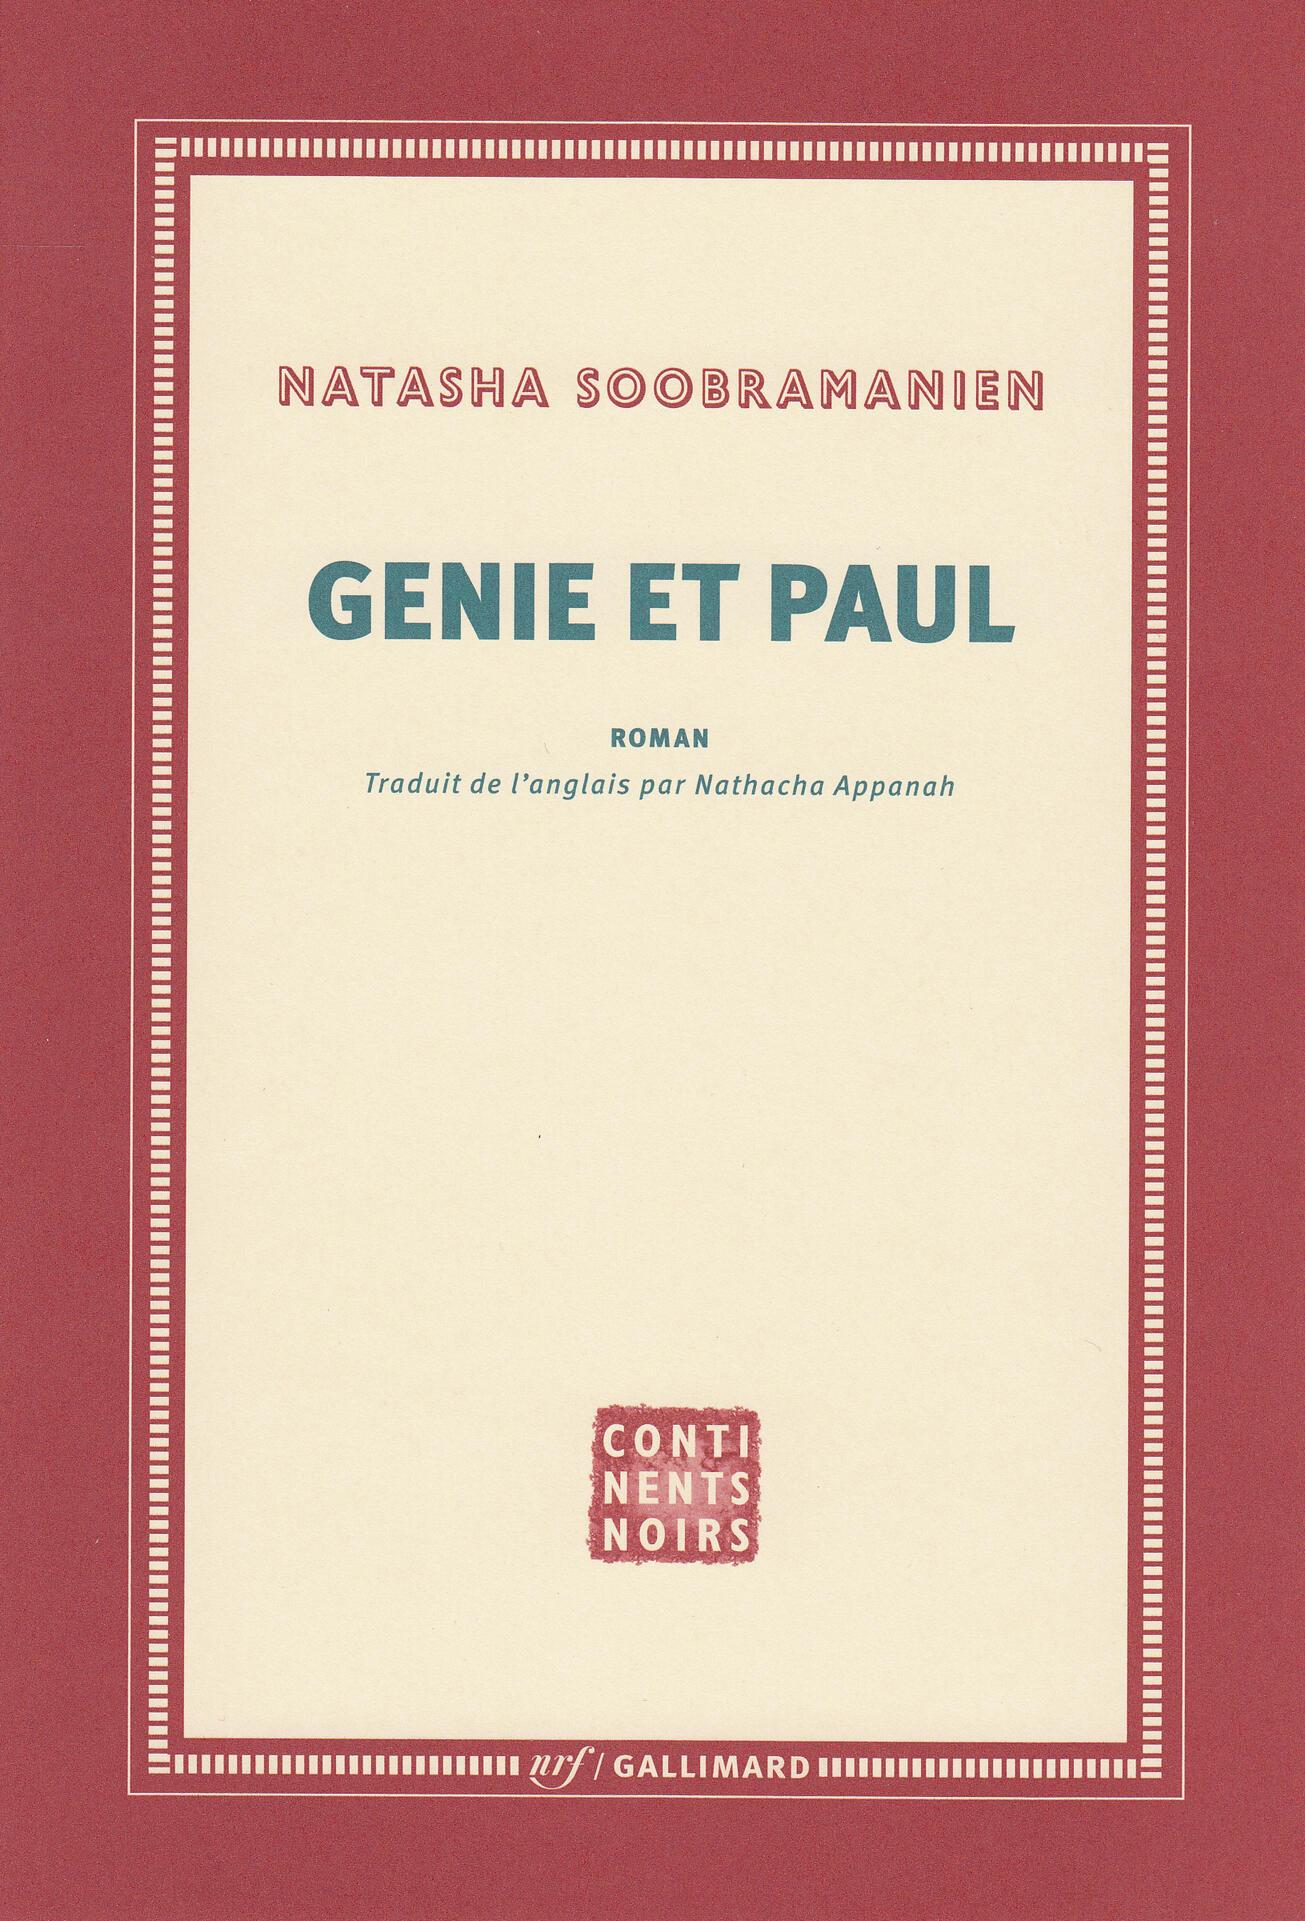 Génie et Paul est le premier roman de Natasha Soobramanien.